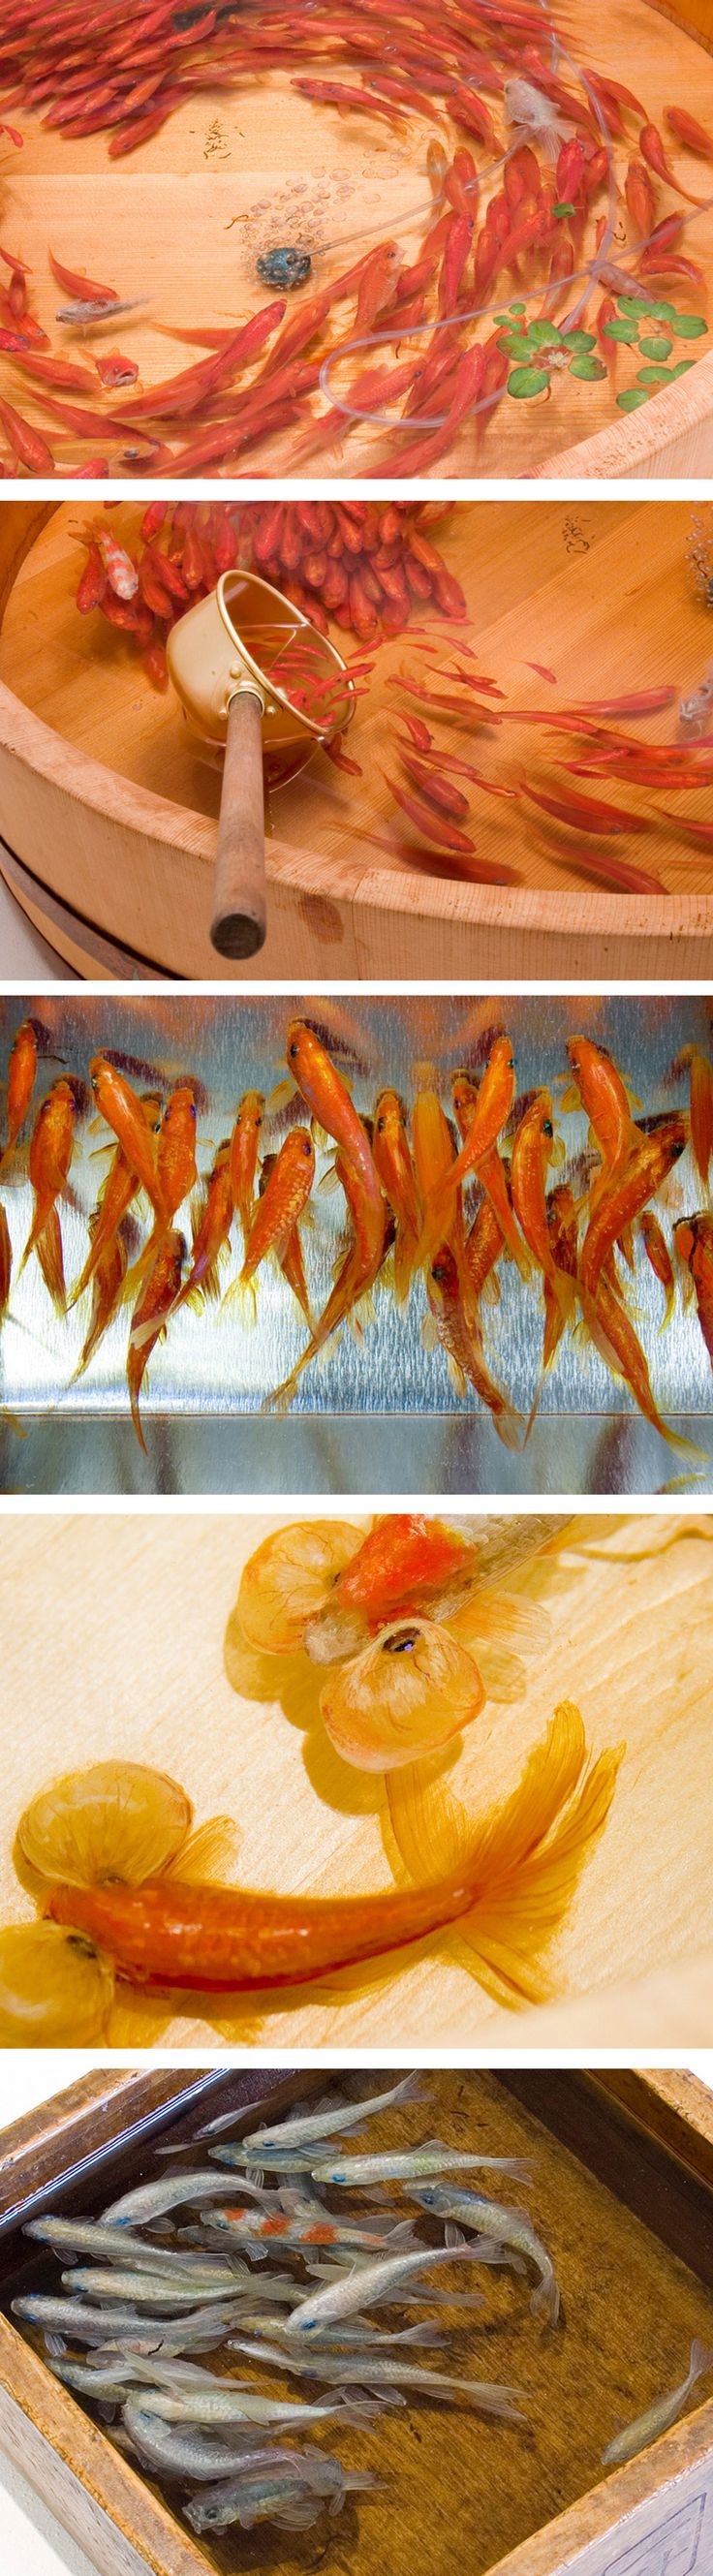 o trabalho do artista japonês Riusuke Fukahori, que mistura pintura e escultura, através de uma complexa técnica na qual ele alterna camadas de tinta e camadas de uma resina transparente, que, uma vez seca, fica com uma aparência de água. O trabalho foi exposto na ICN gallery, em Londres, com a exposição Goldfish Salvation.